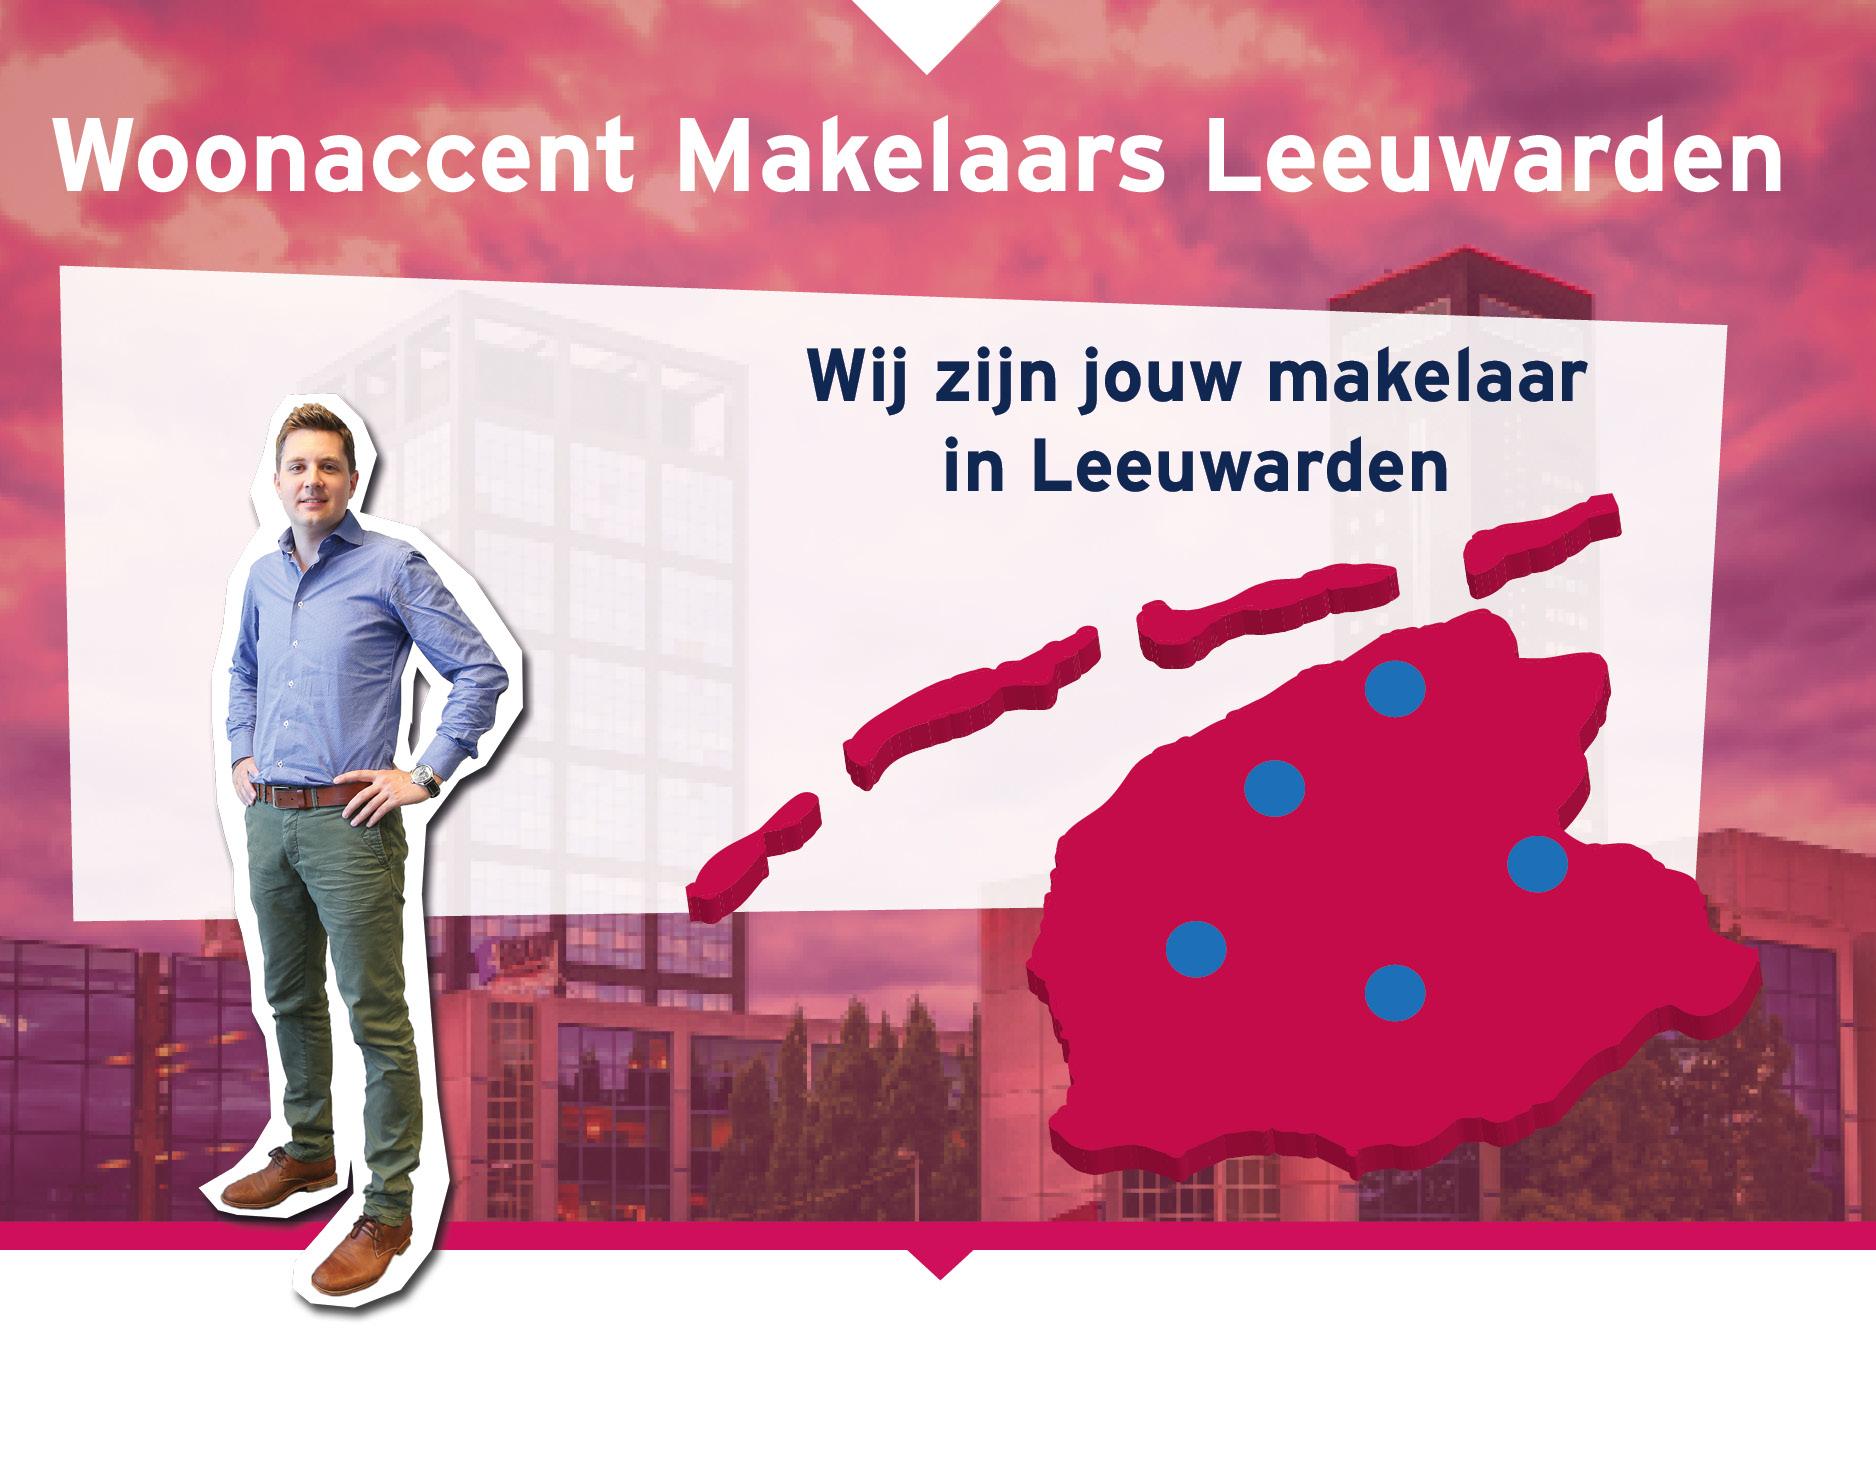 Woonaccent Makelaars Leeuwarden